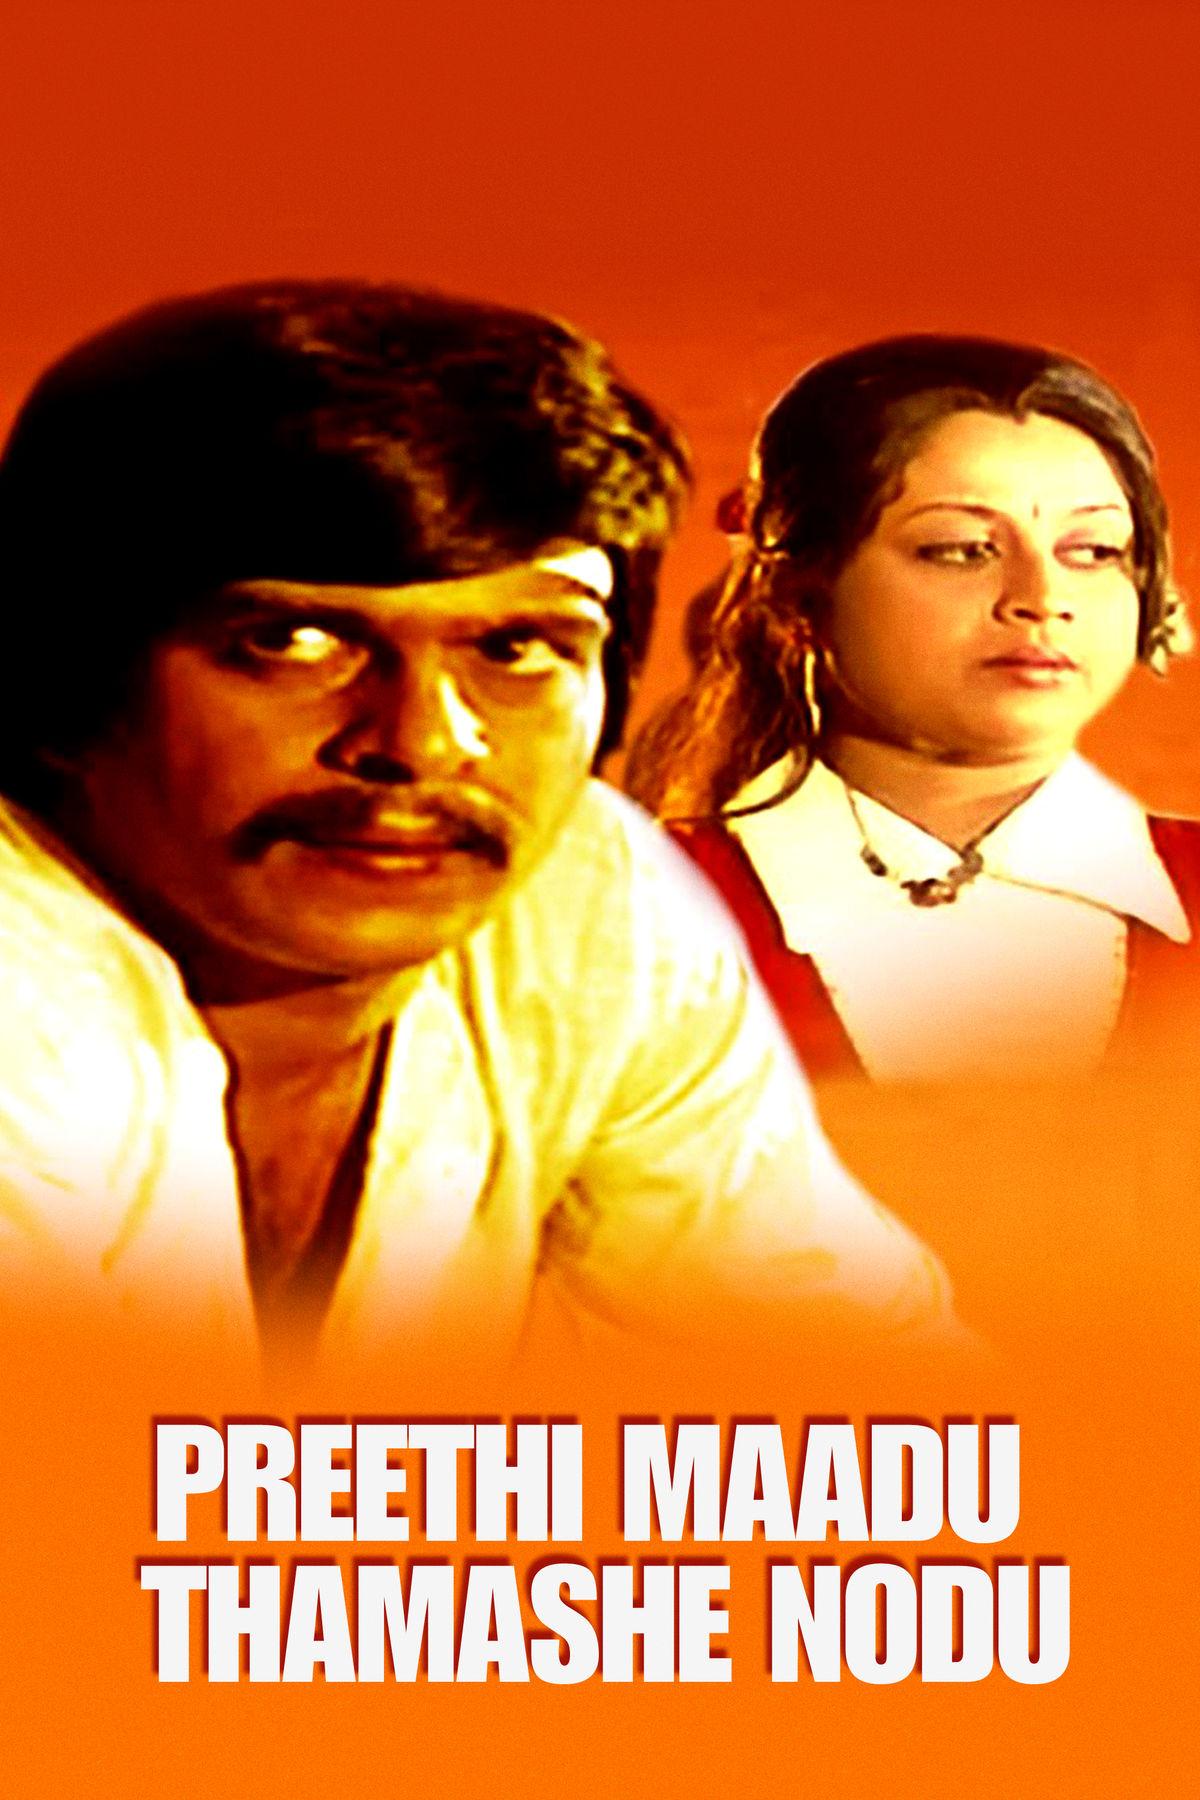 Preethi Maadu Thamashe Nodu